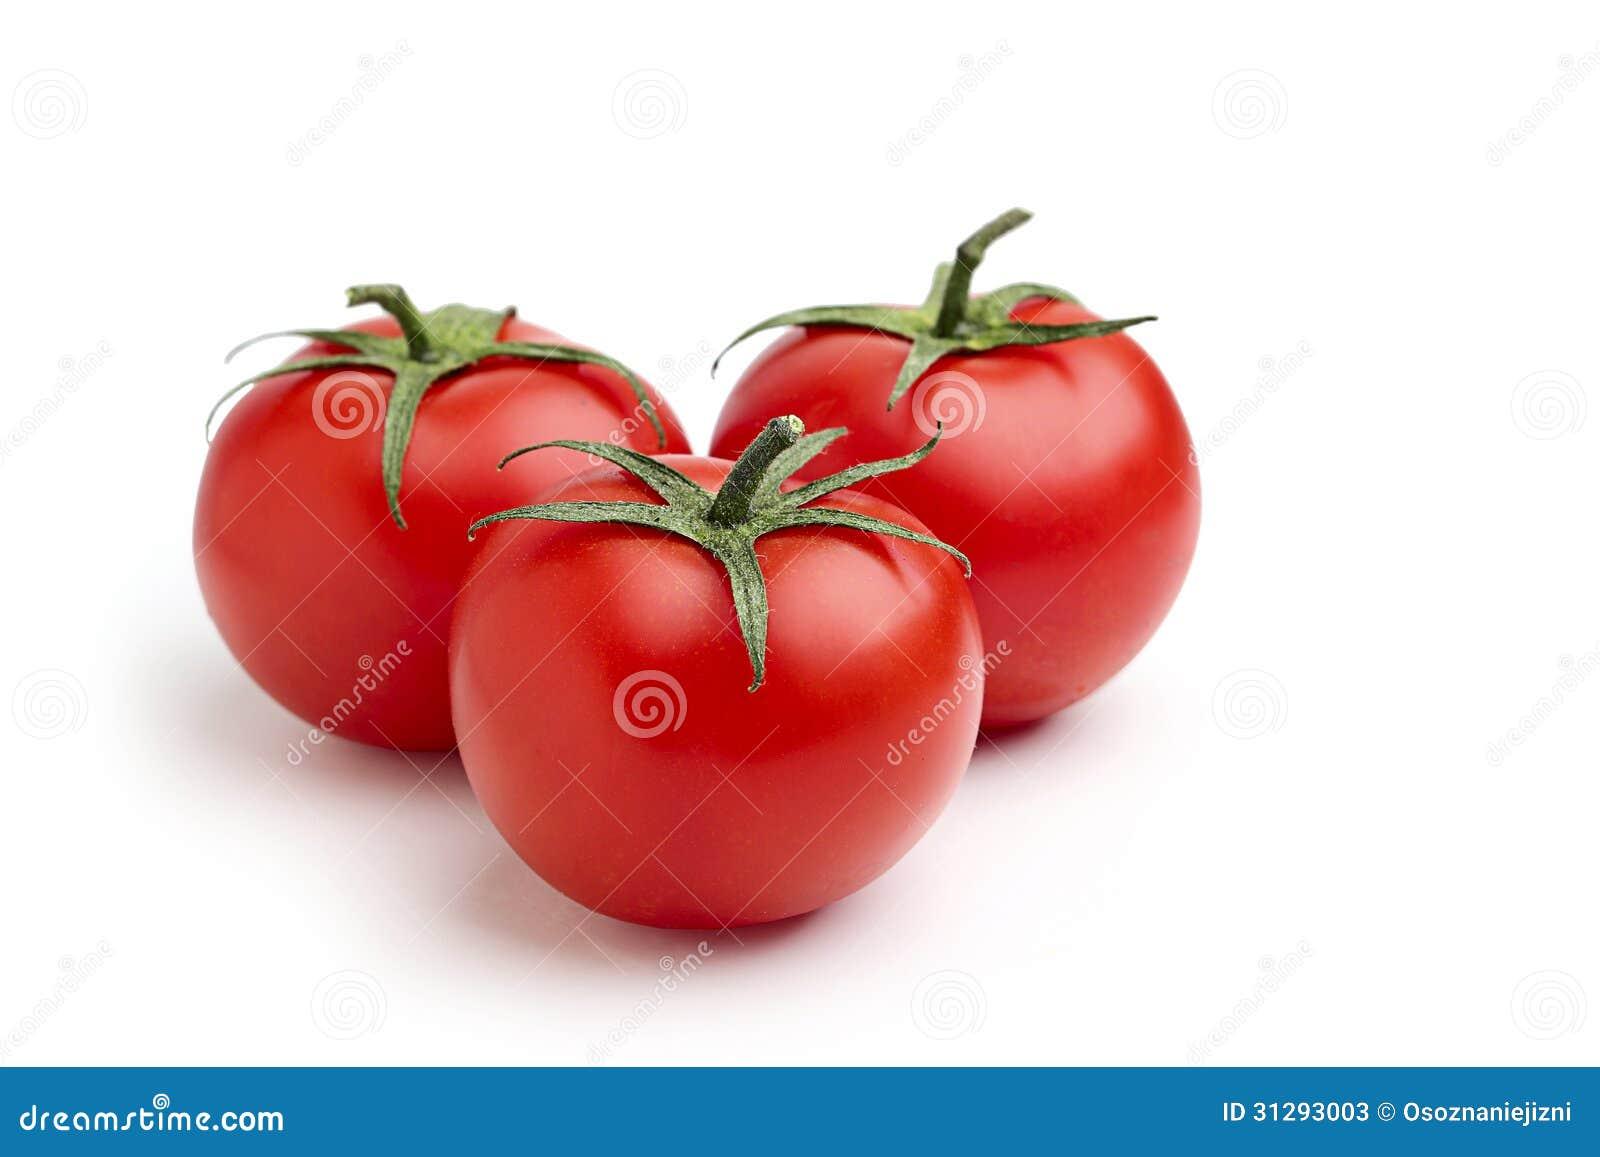 Três tomates vermelhos.